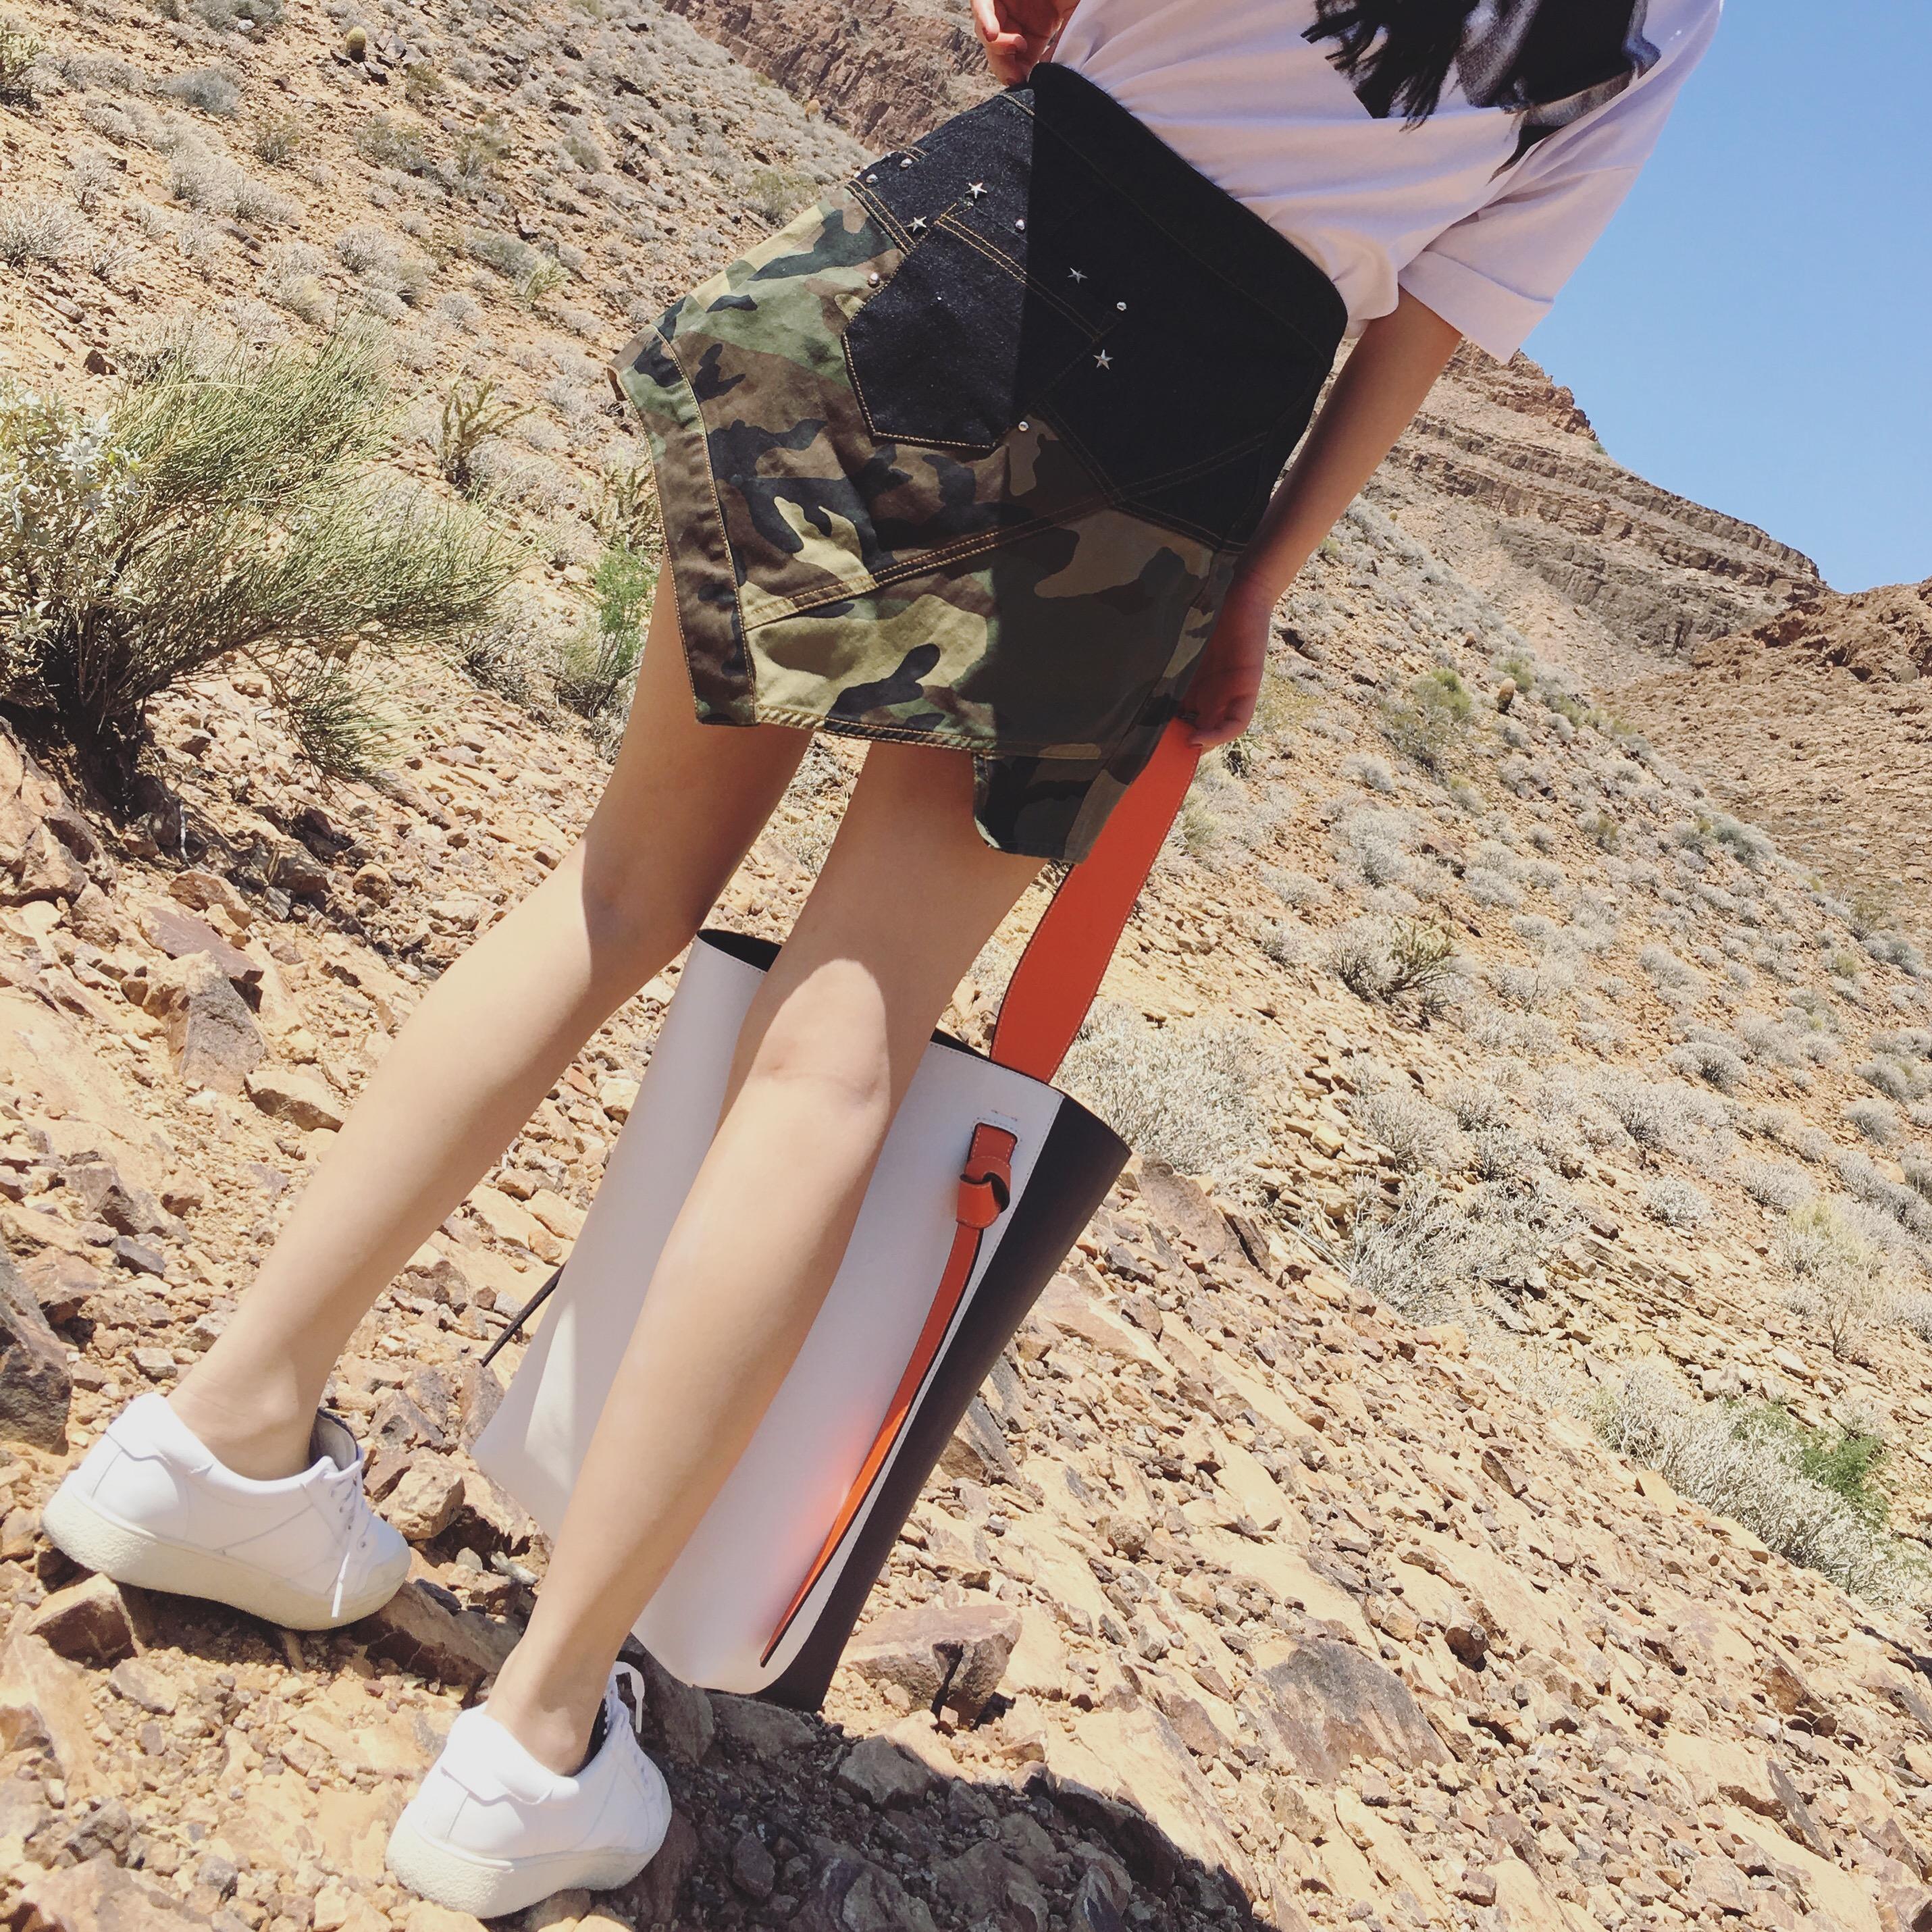 2017年夏季时尚新潮女士短裙搭配图片大全